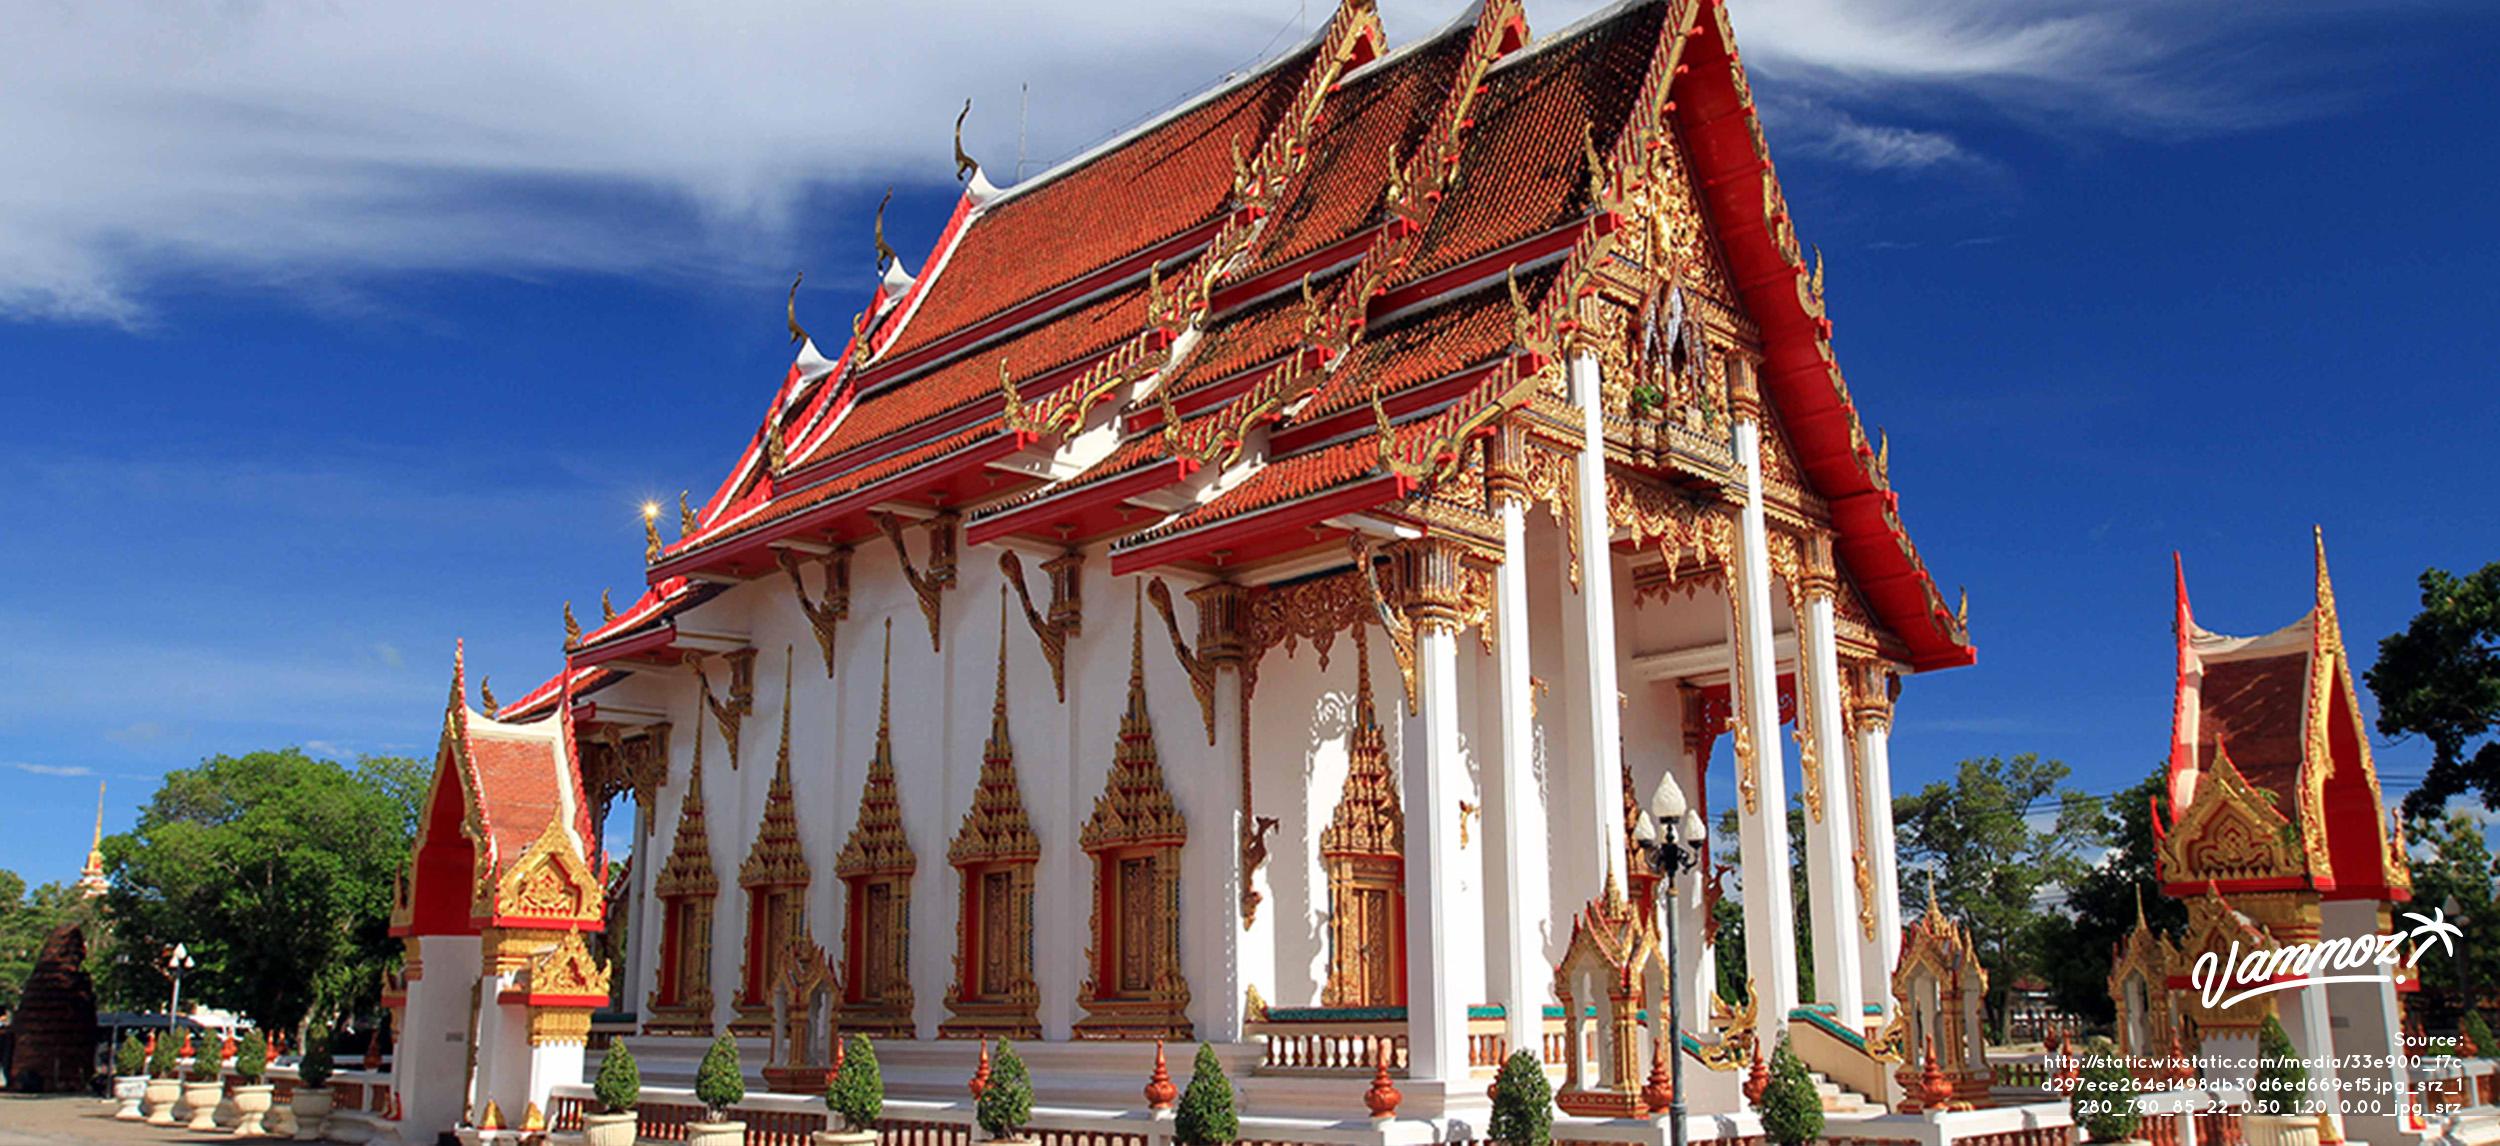 Arsitektur megah berlapis emas di Wat Chalong